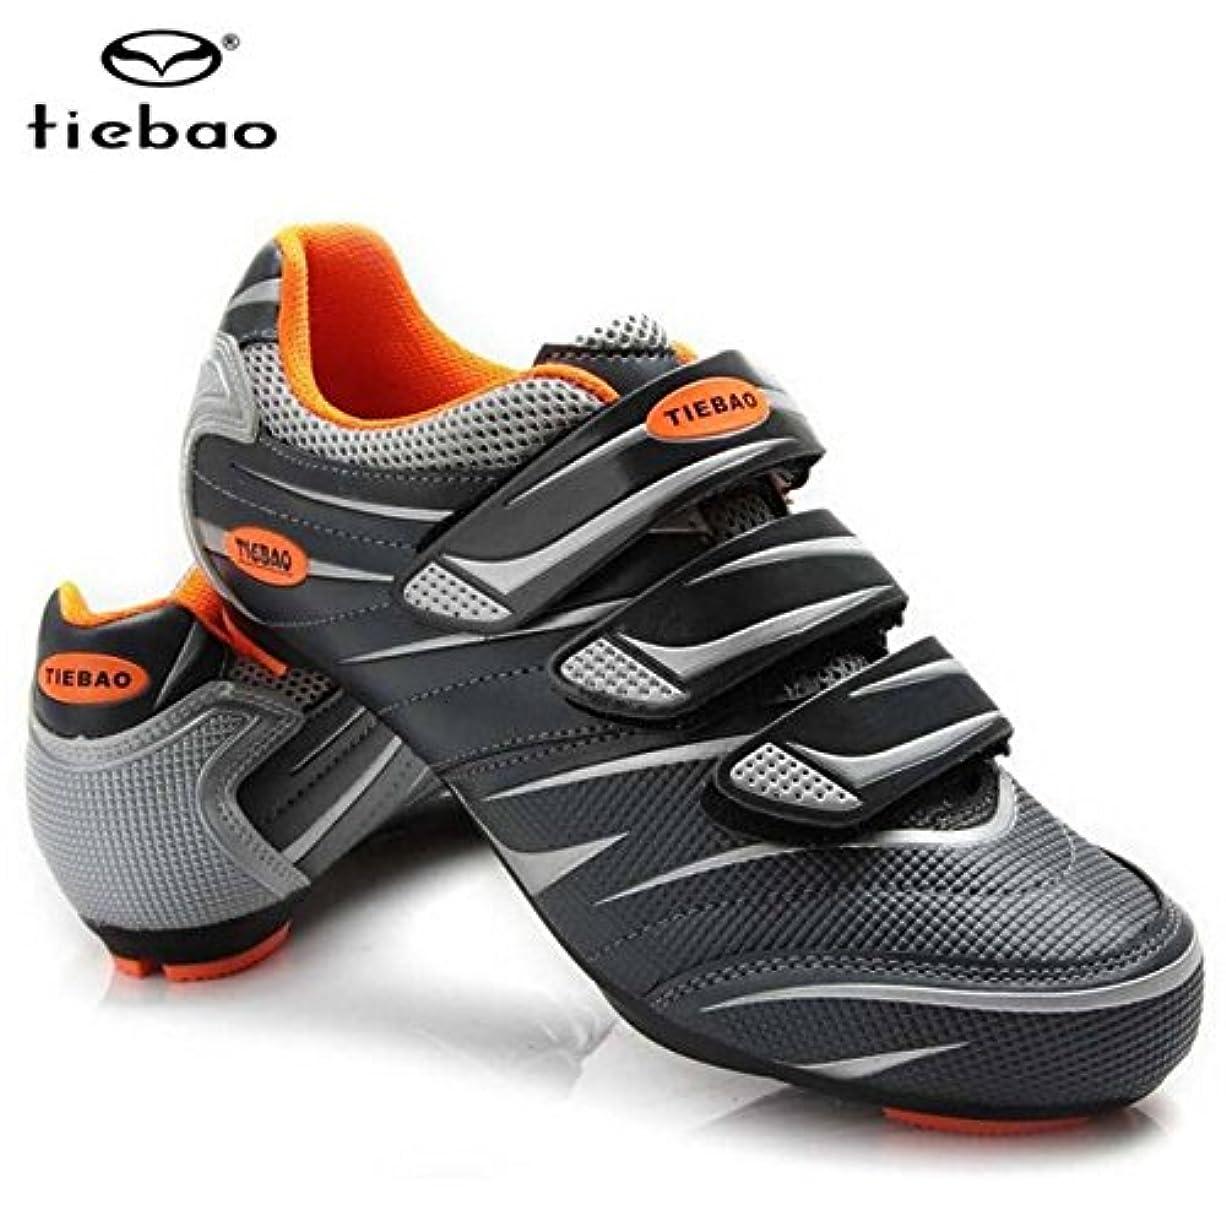 抑圧者低下行列サイクリングシューズロードアスレチックバイク通気性自転車靴glay orange_11_29.0cm